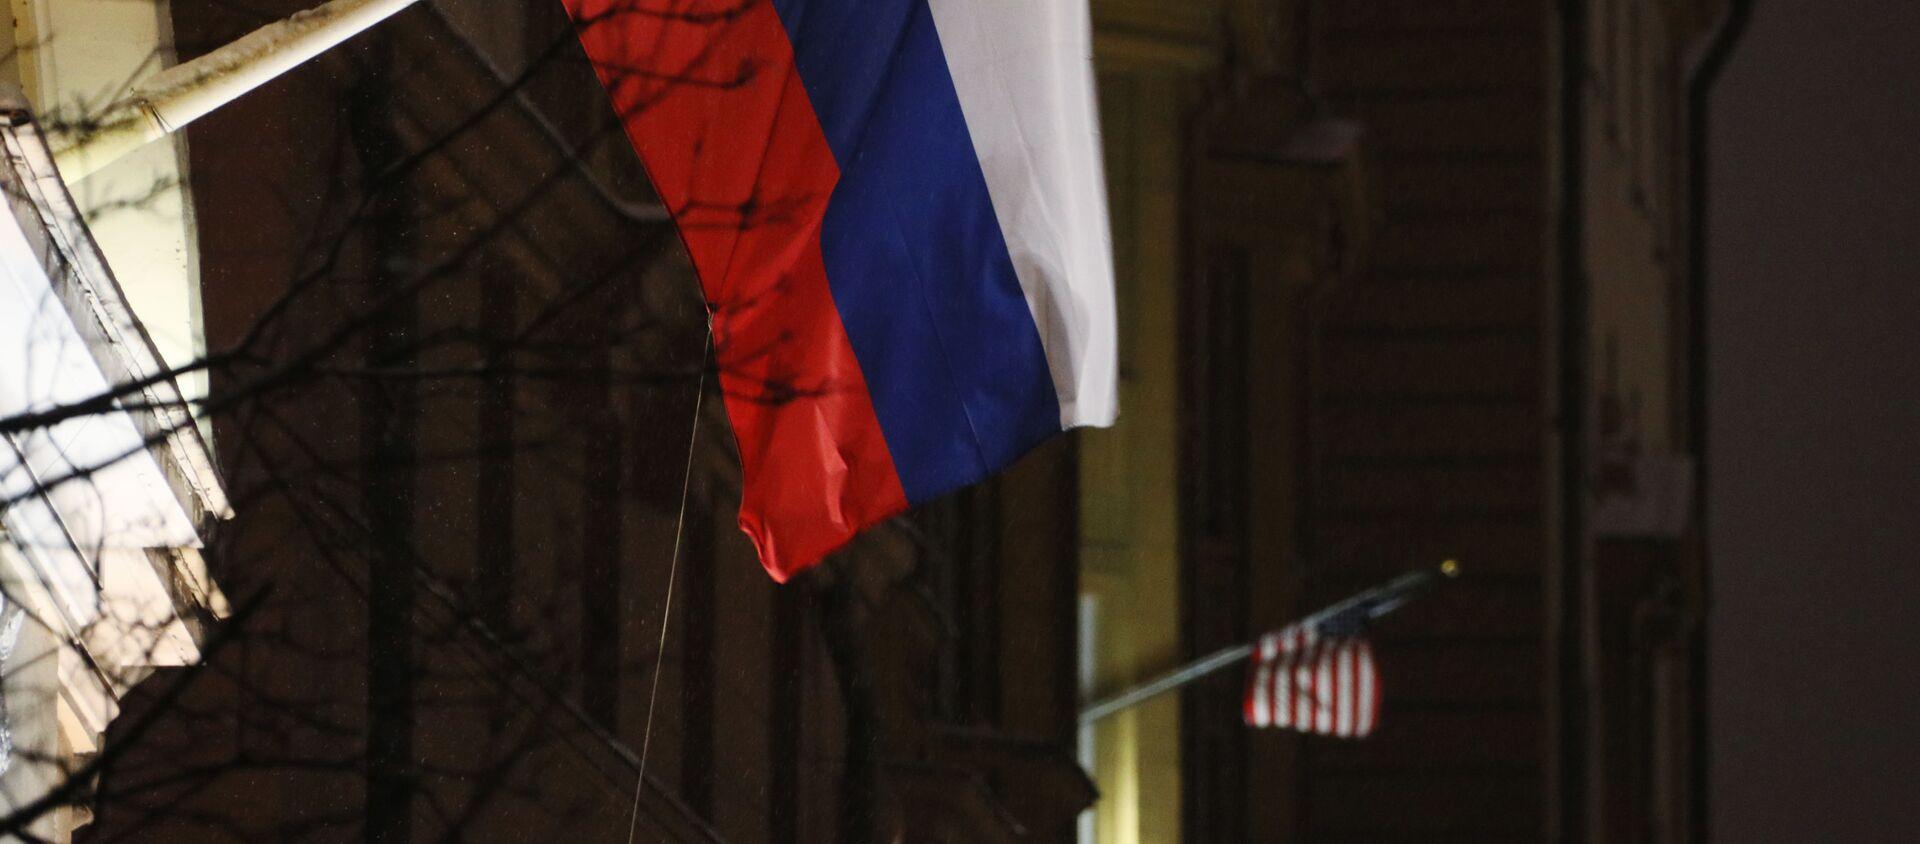 Флаги России и США на здании посольства США - Sputnik Việt Nam, 1920, 05.03.2021